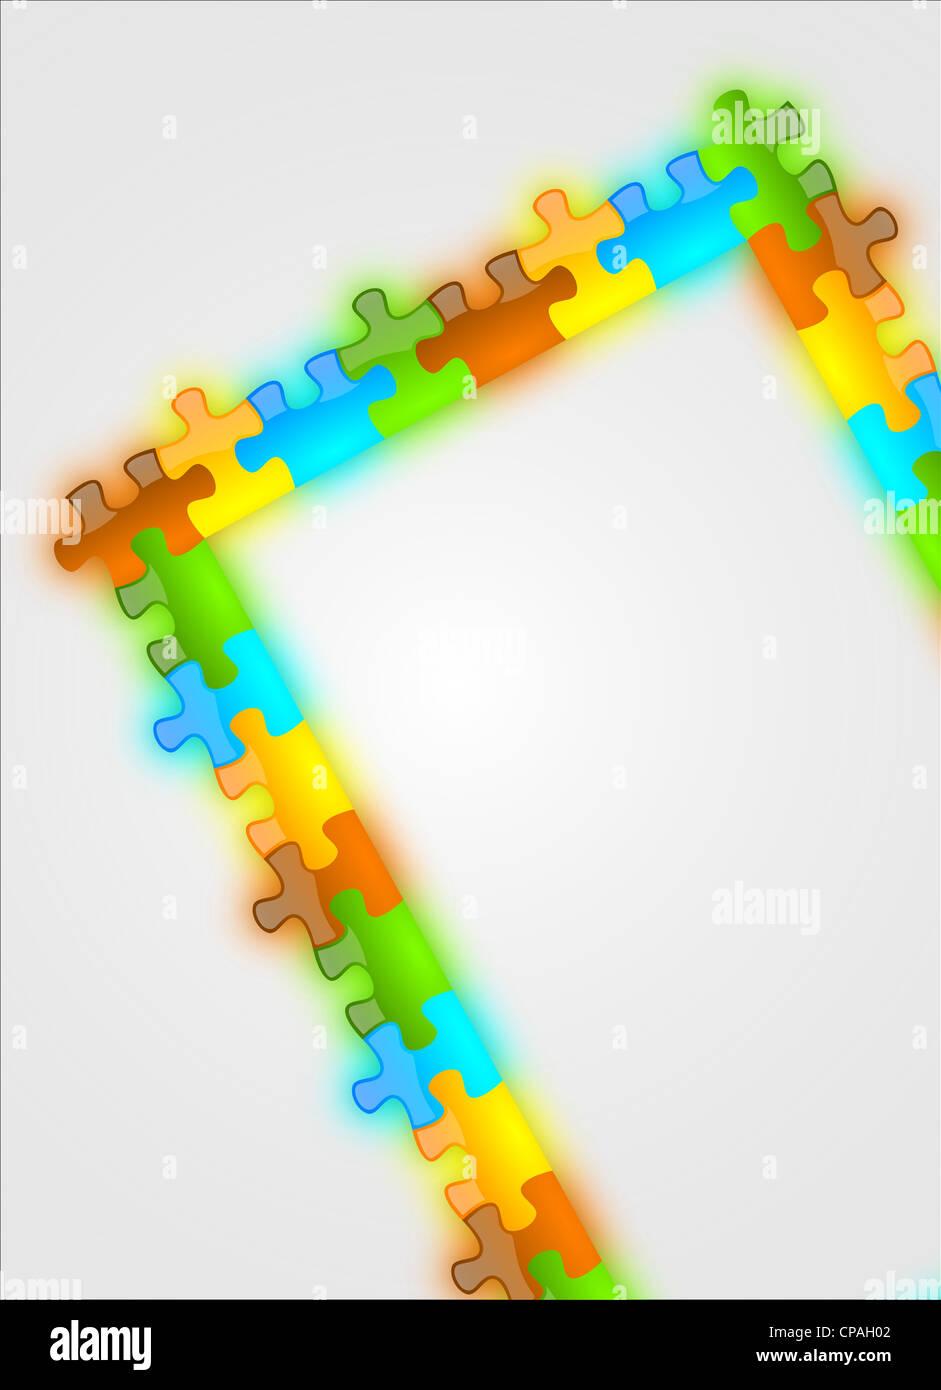 Farbe und glänzend puzzle Rahmen Hintergrund nützlich für ...